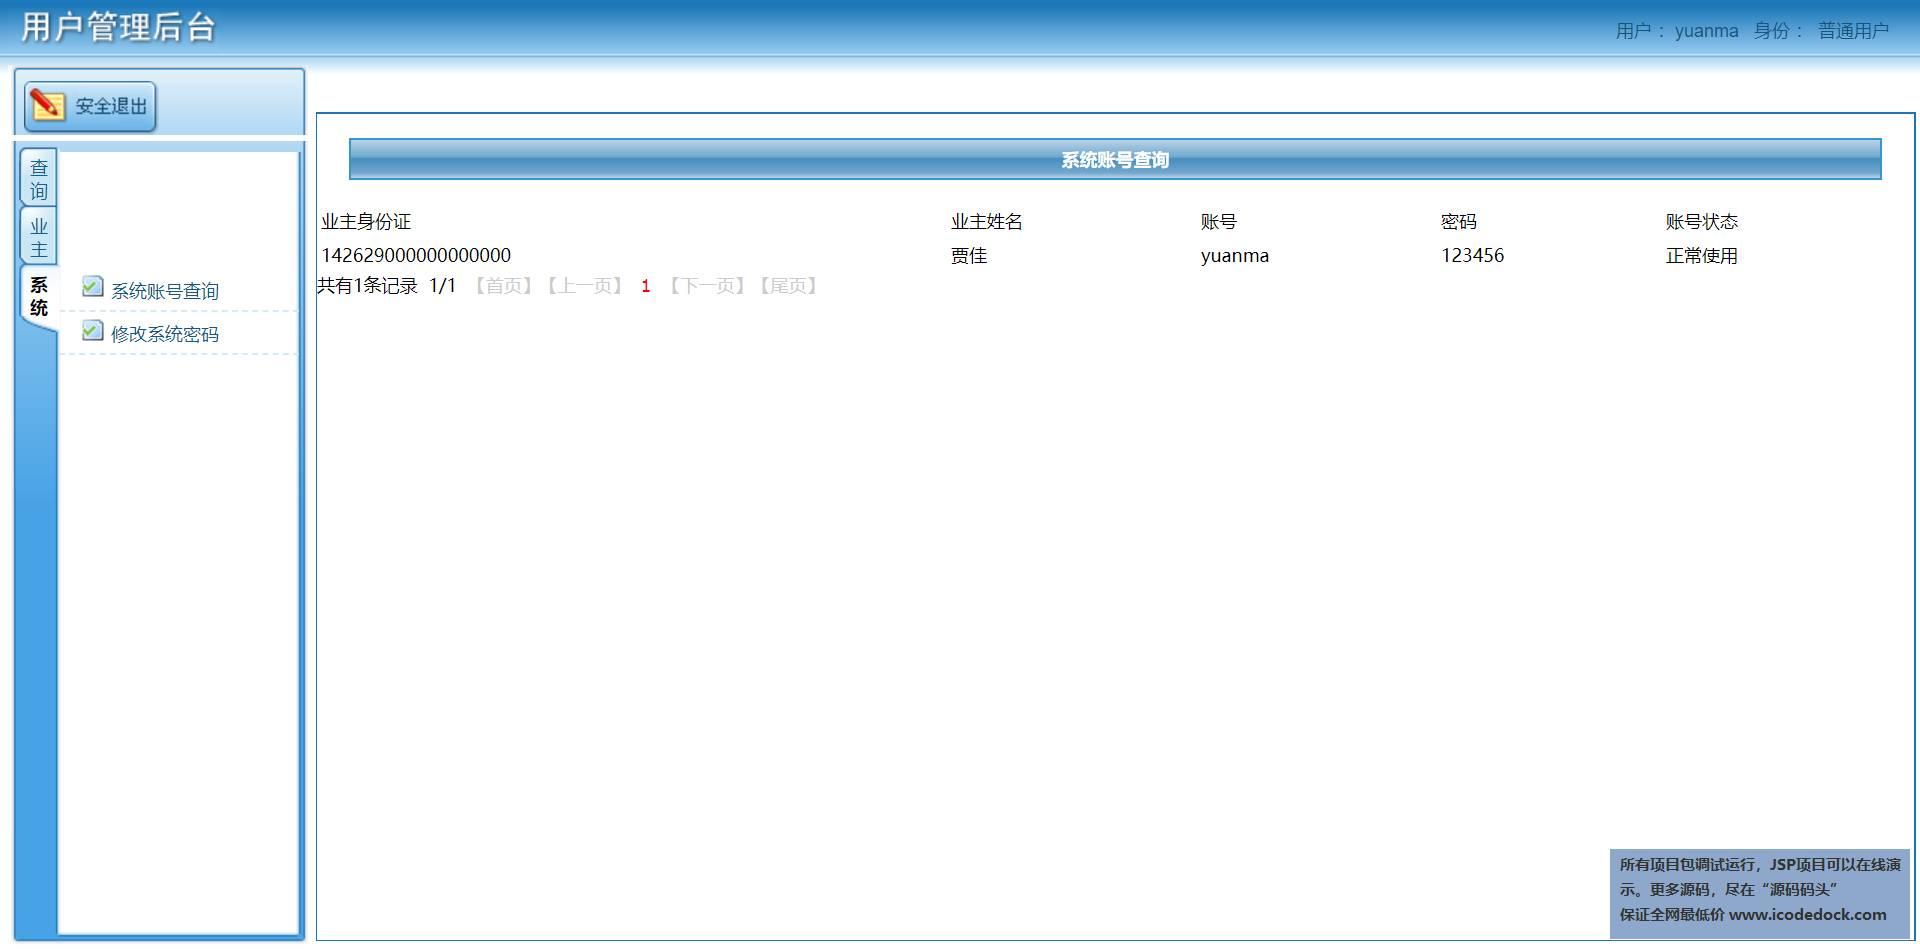 源码码头-SSH物业管理系统-用户角色-系统帐号查询